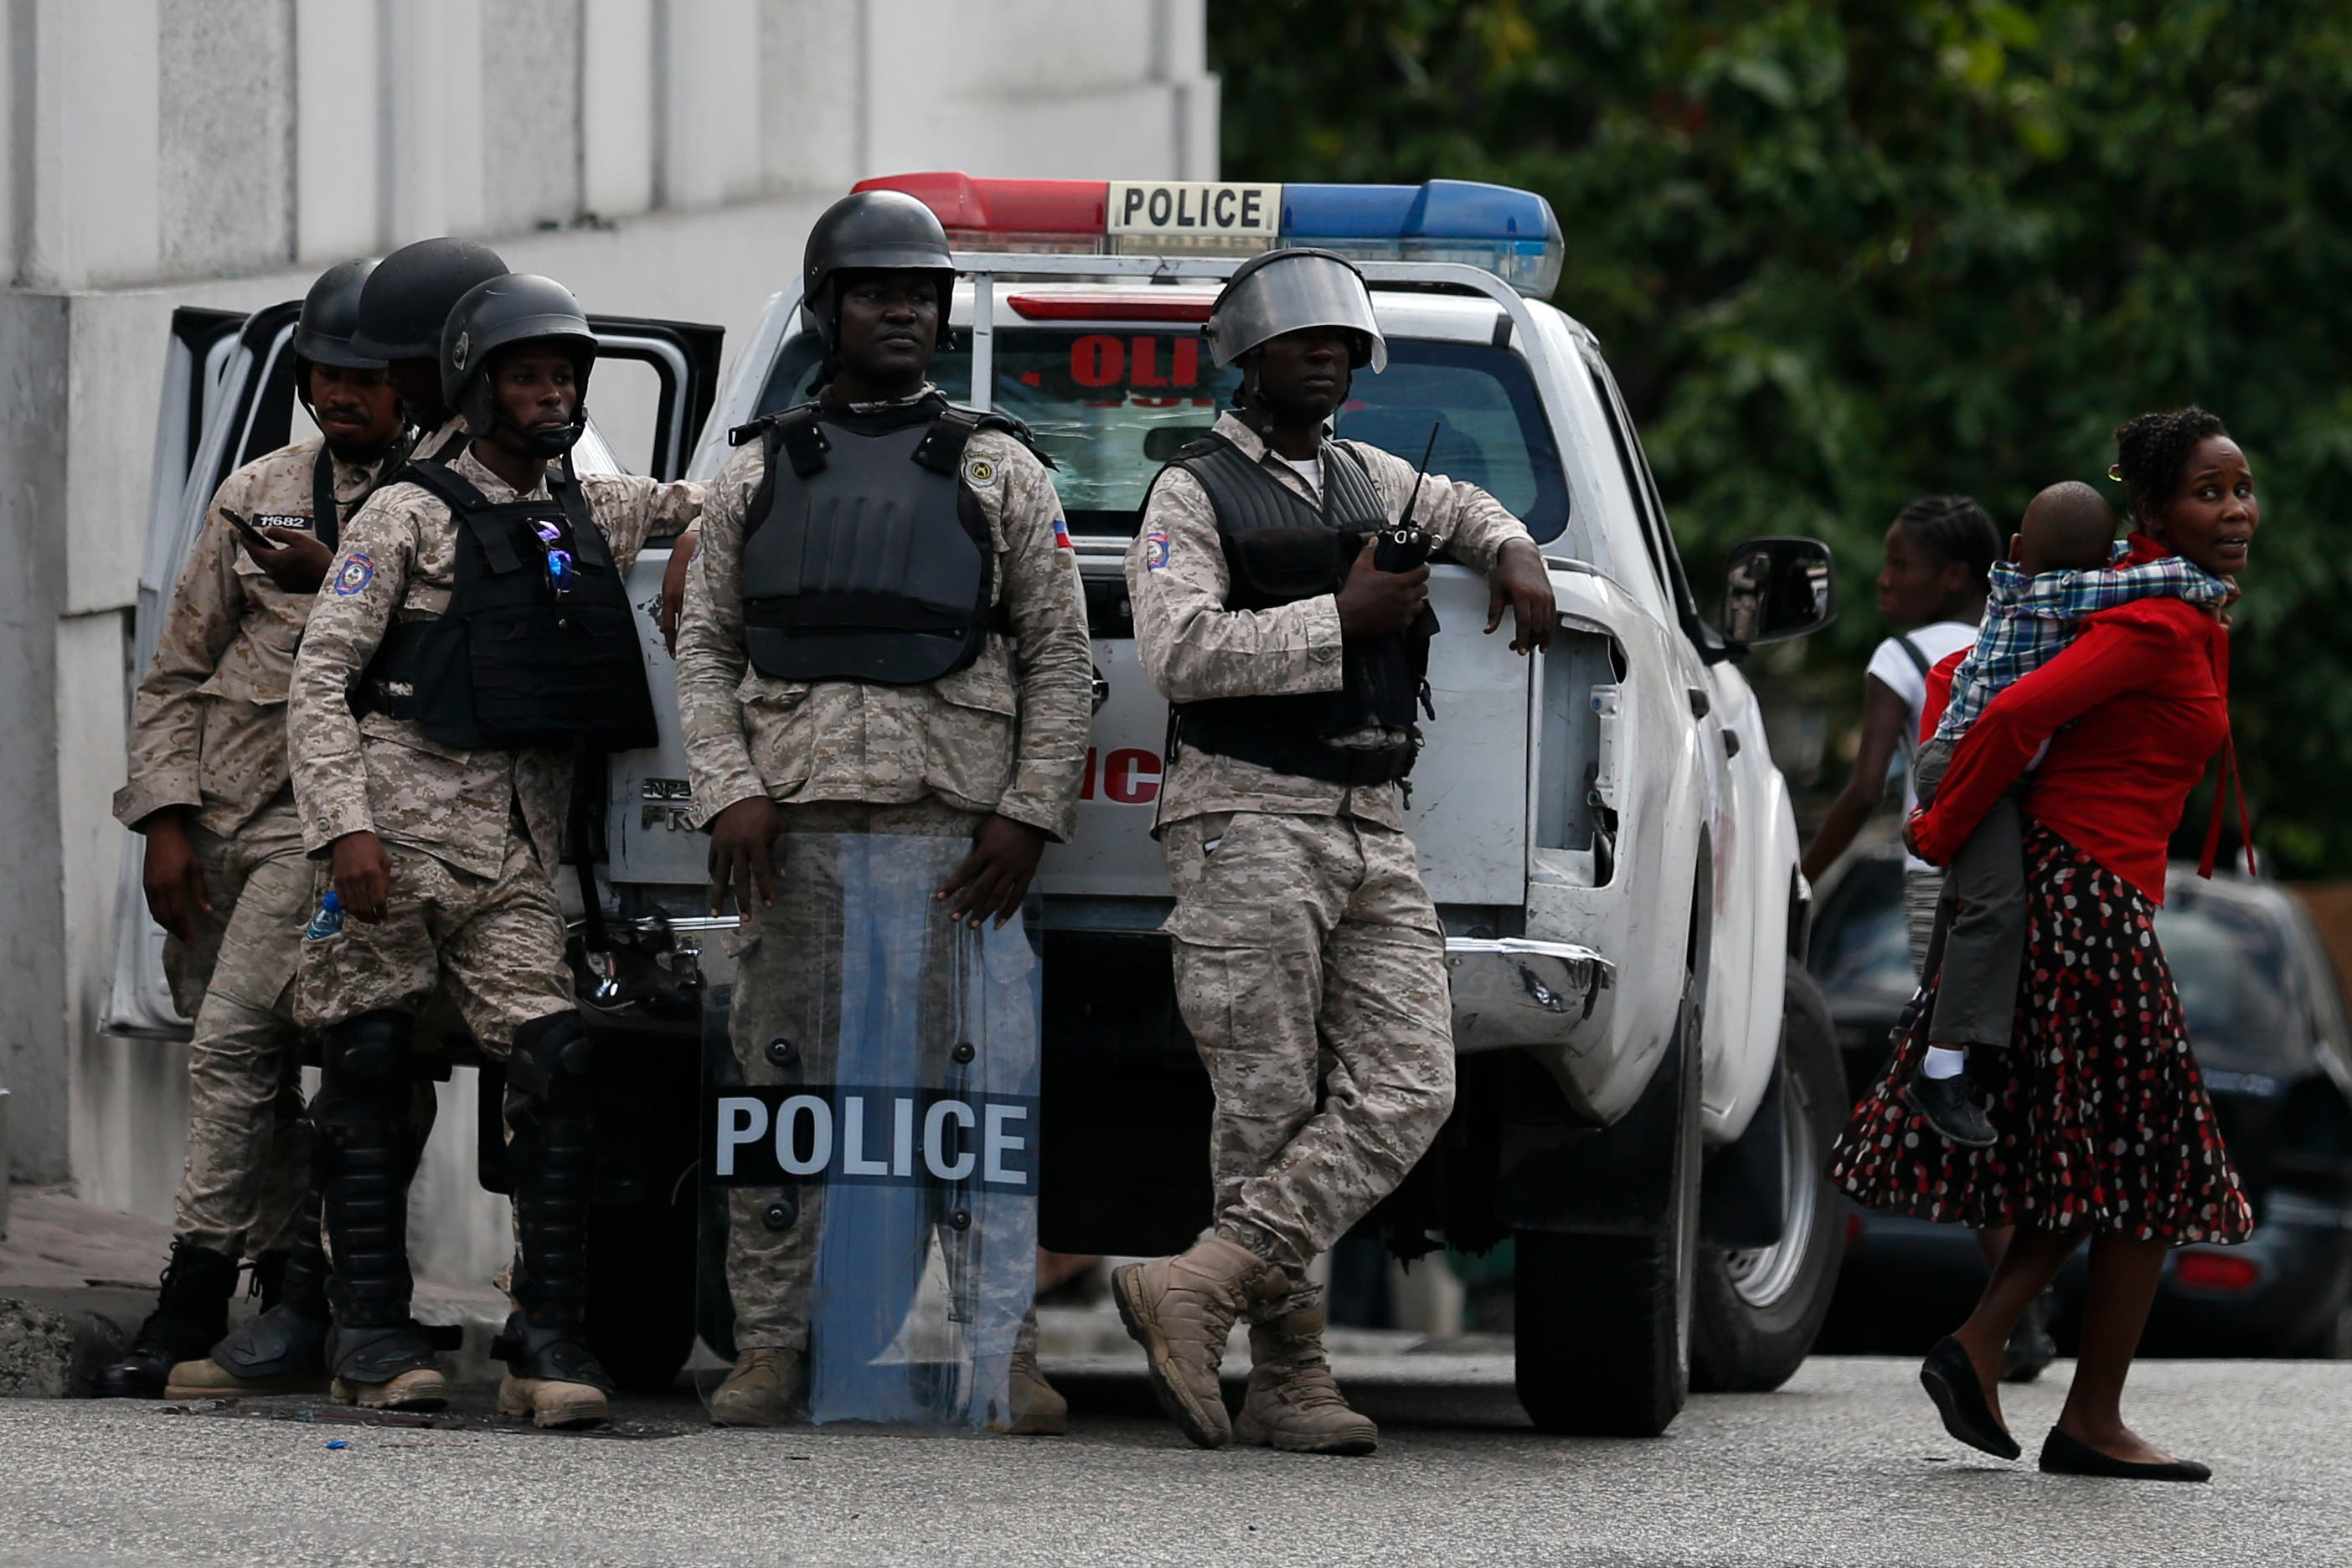 Una mujer lleva a un niño pasando la guardia policial durante una protesta liderada por la comunidad artística que exige la renuncia del presidente haitiano Jovenel Moïse, en Petion-Ville, Puerto Príncipe, Haití.